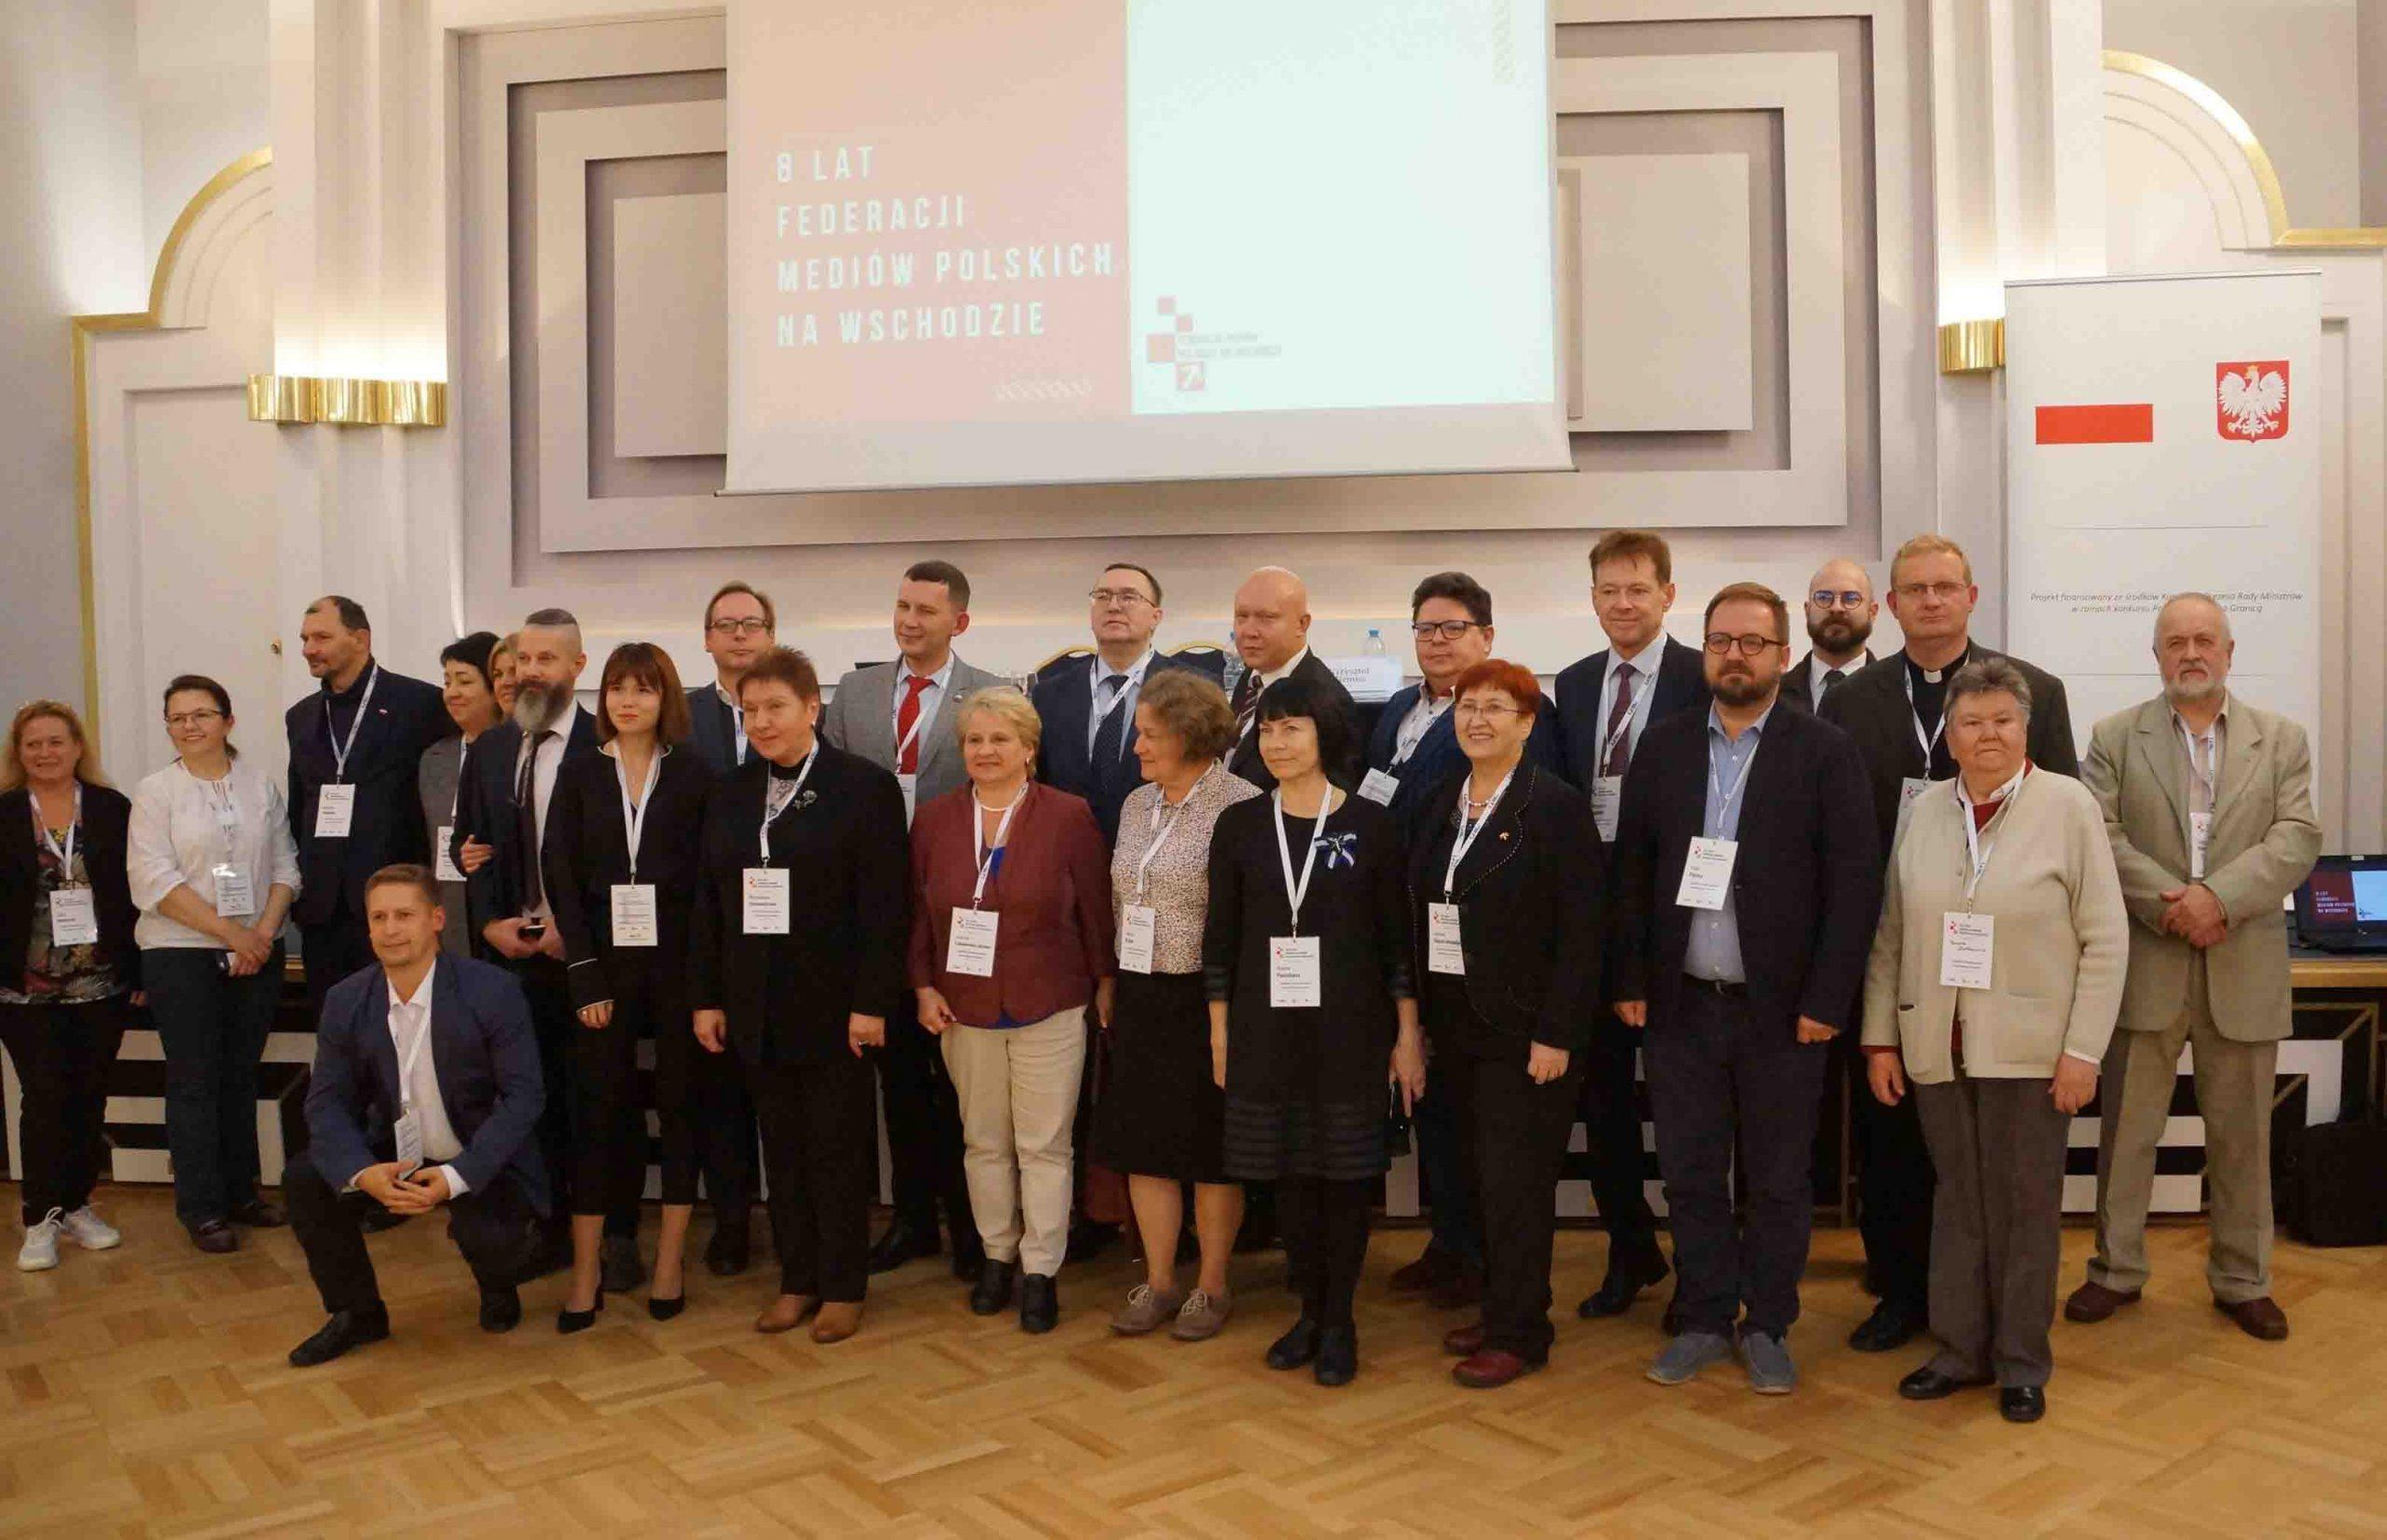 VIII Zjazd Federacji Mediów Polskich na Wschodzie